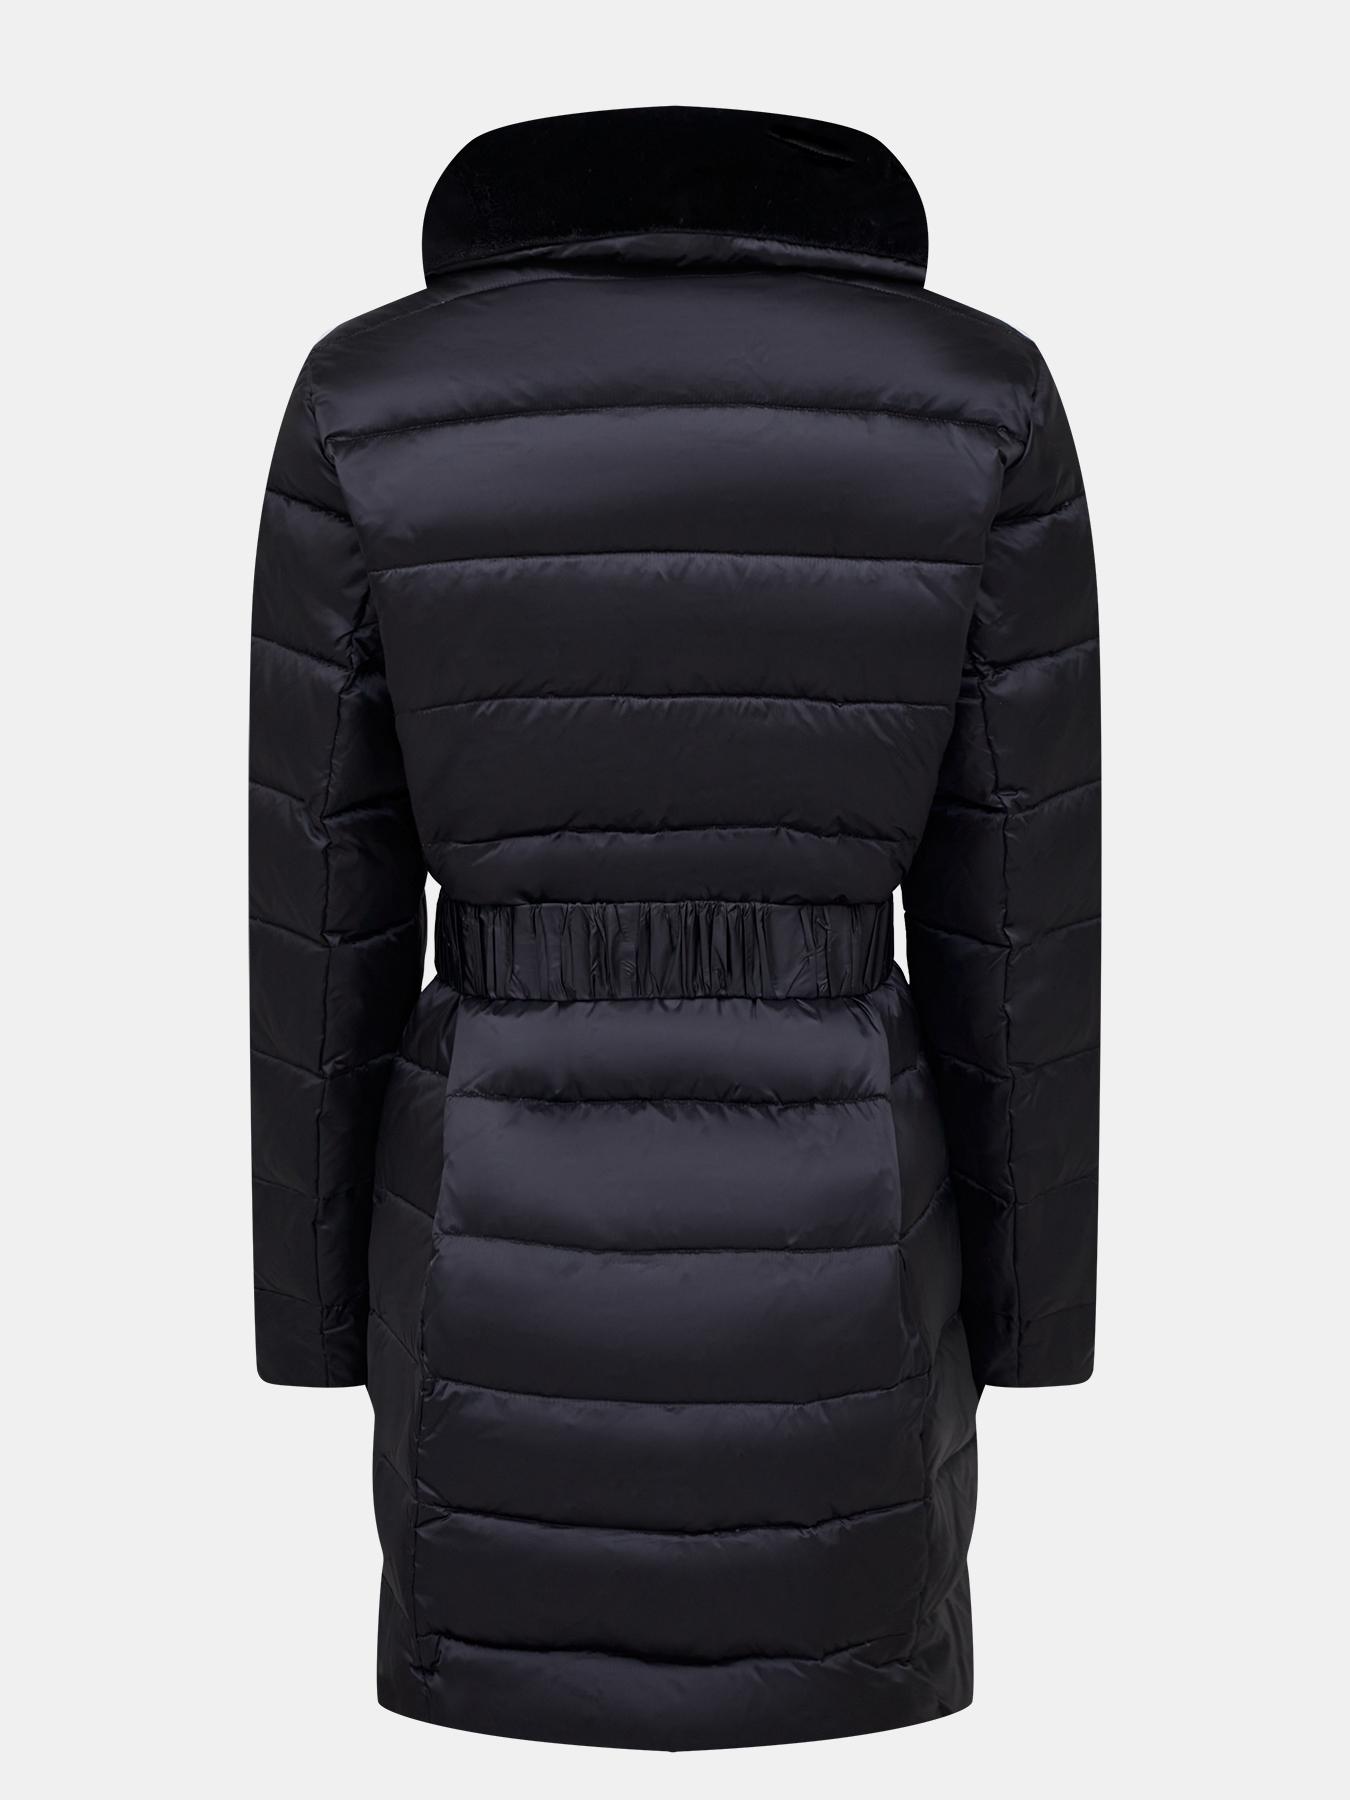 Полупальто ORSA Couture Куртка недорого